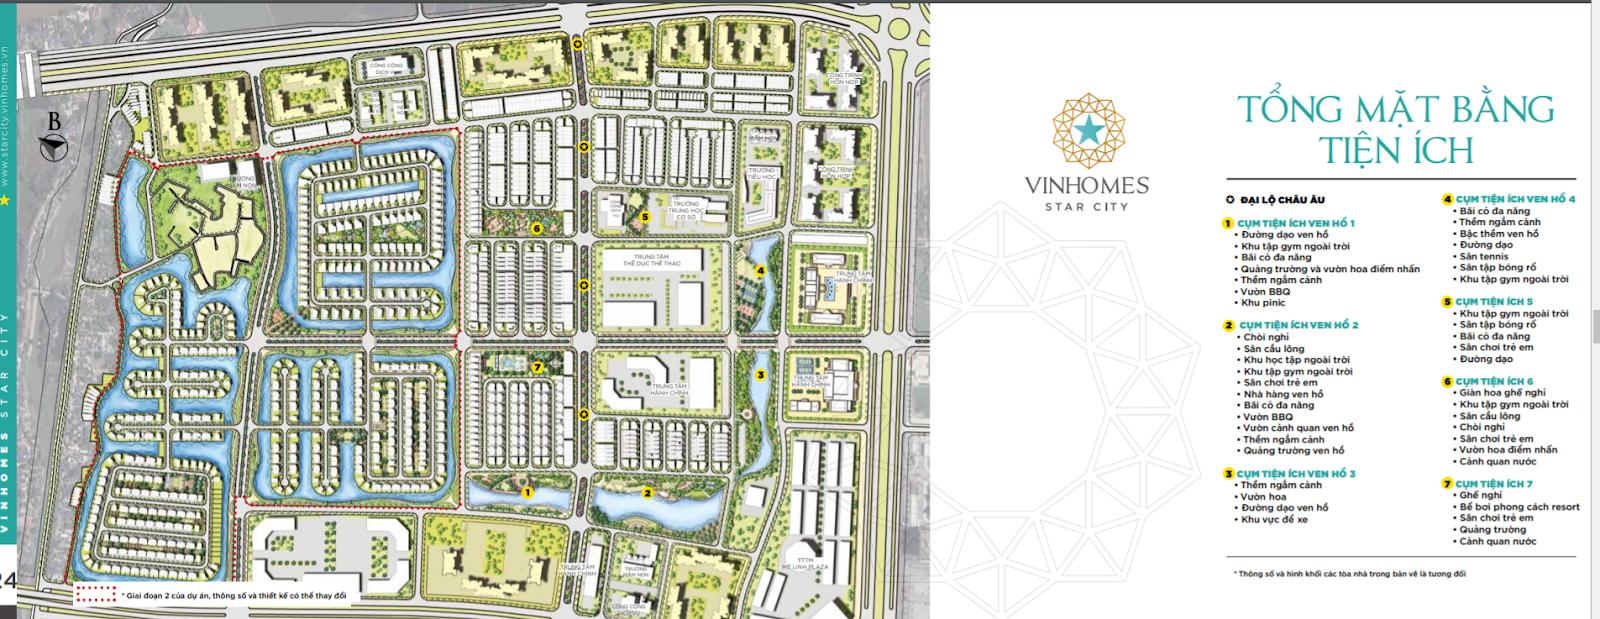 Tổng thể mặt bằng tiện ích dự án Vinhomes Star City